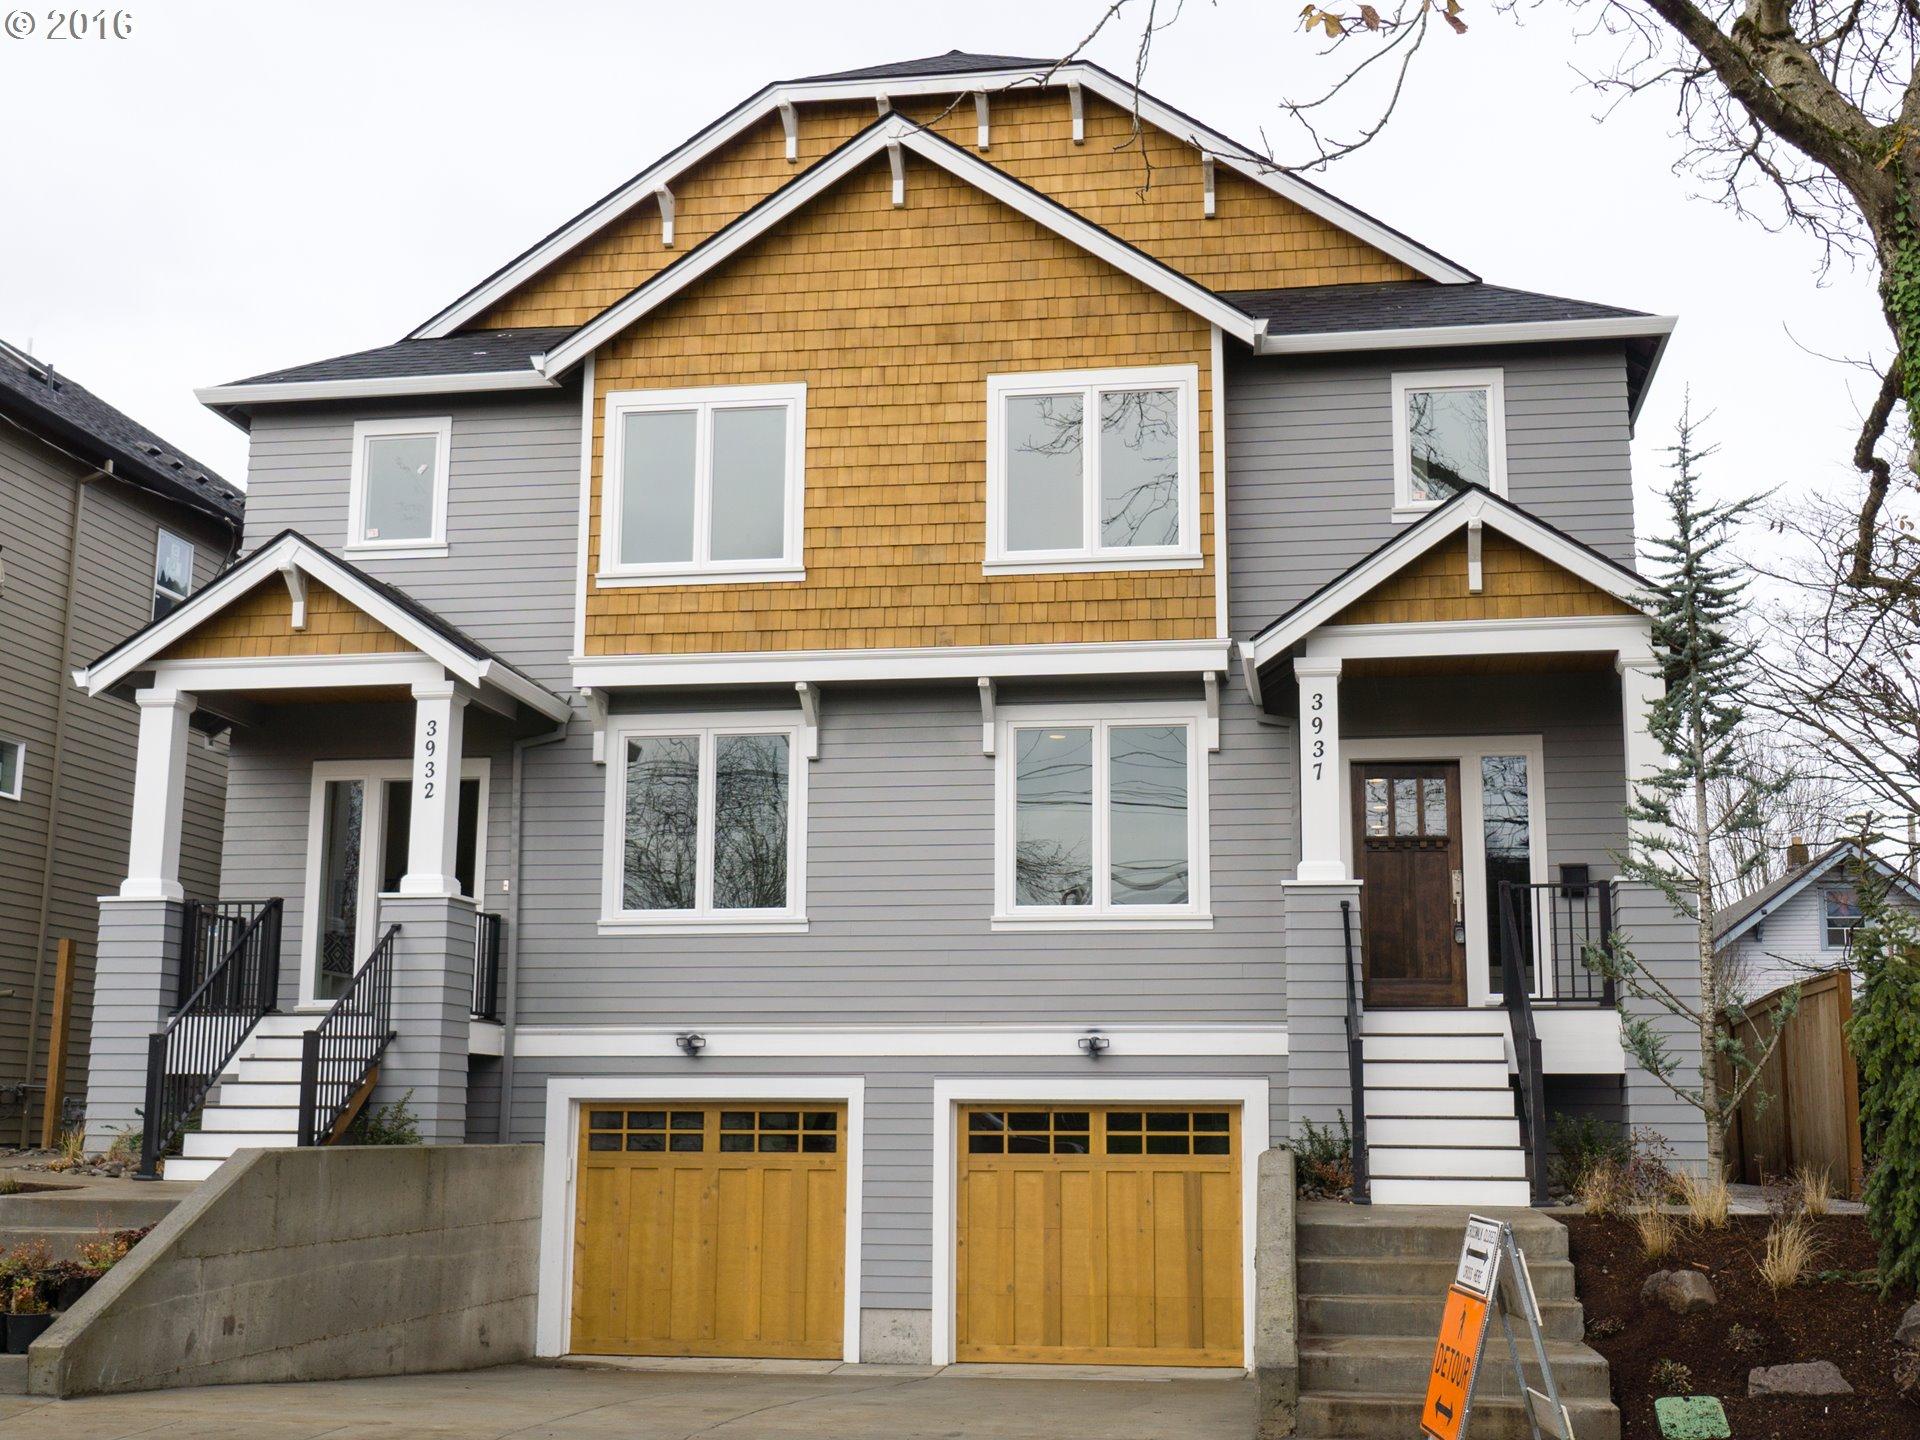 3937 NE Rodney AVE, Portland OR 97212